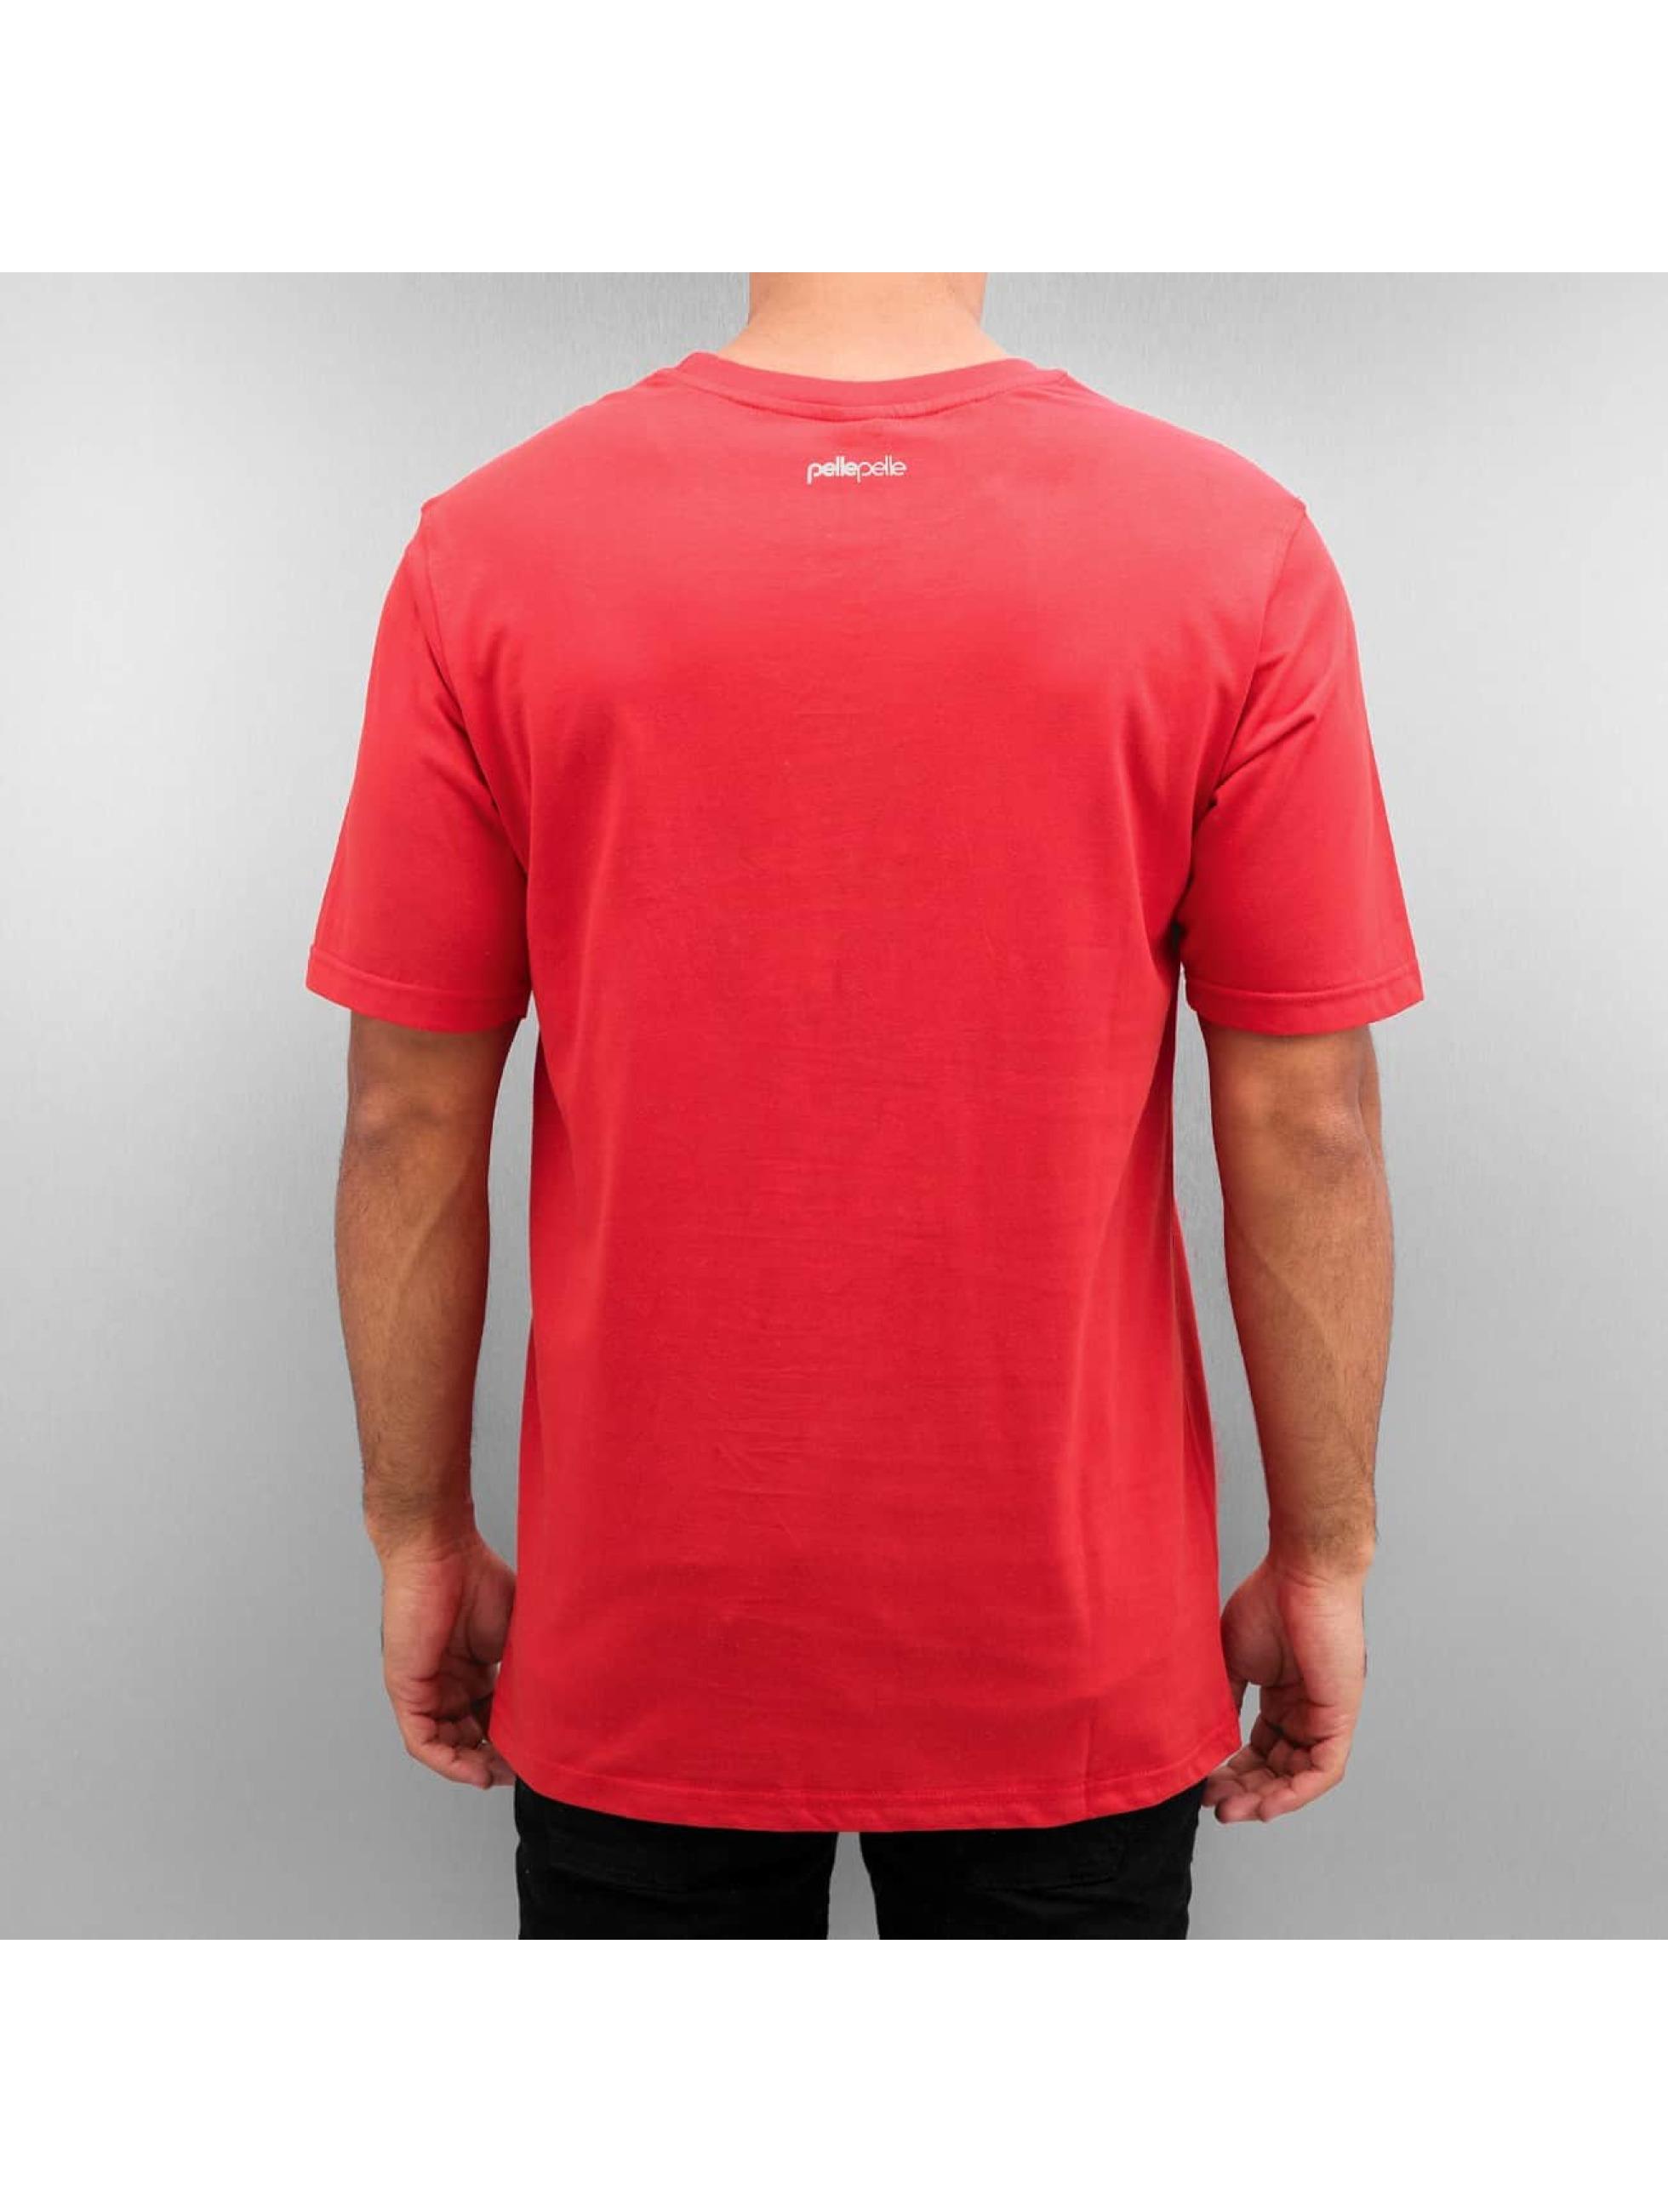 Pelle Pelle T-Shirt 50/50 Dark Maze rouge